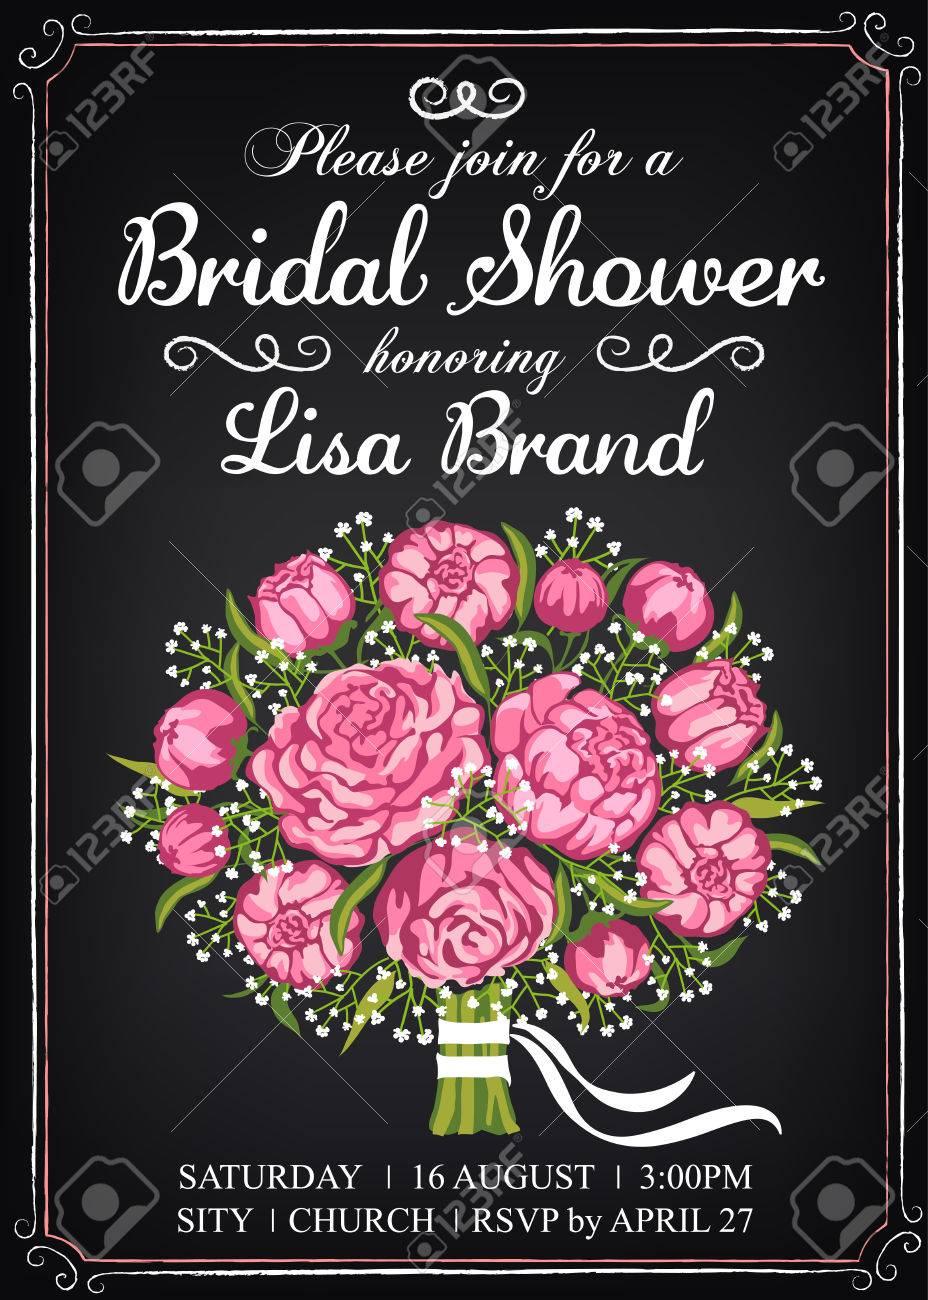 Einladung Vorlage Mit Schönen Hochzeit Bouquet. Brautdusche. Vintage Stil.  Tafel Standard